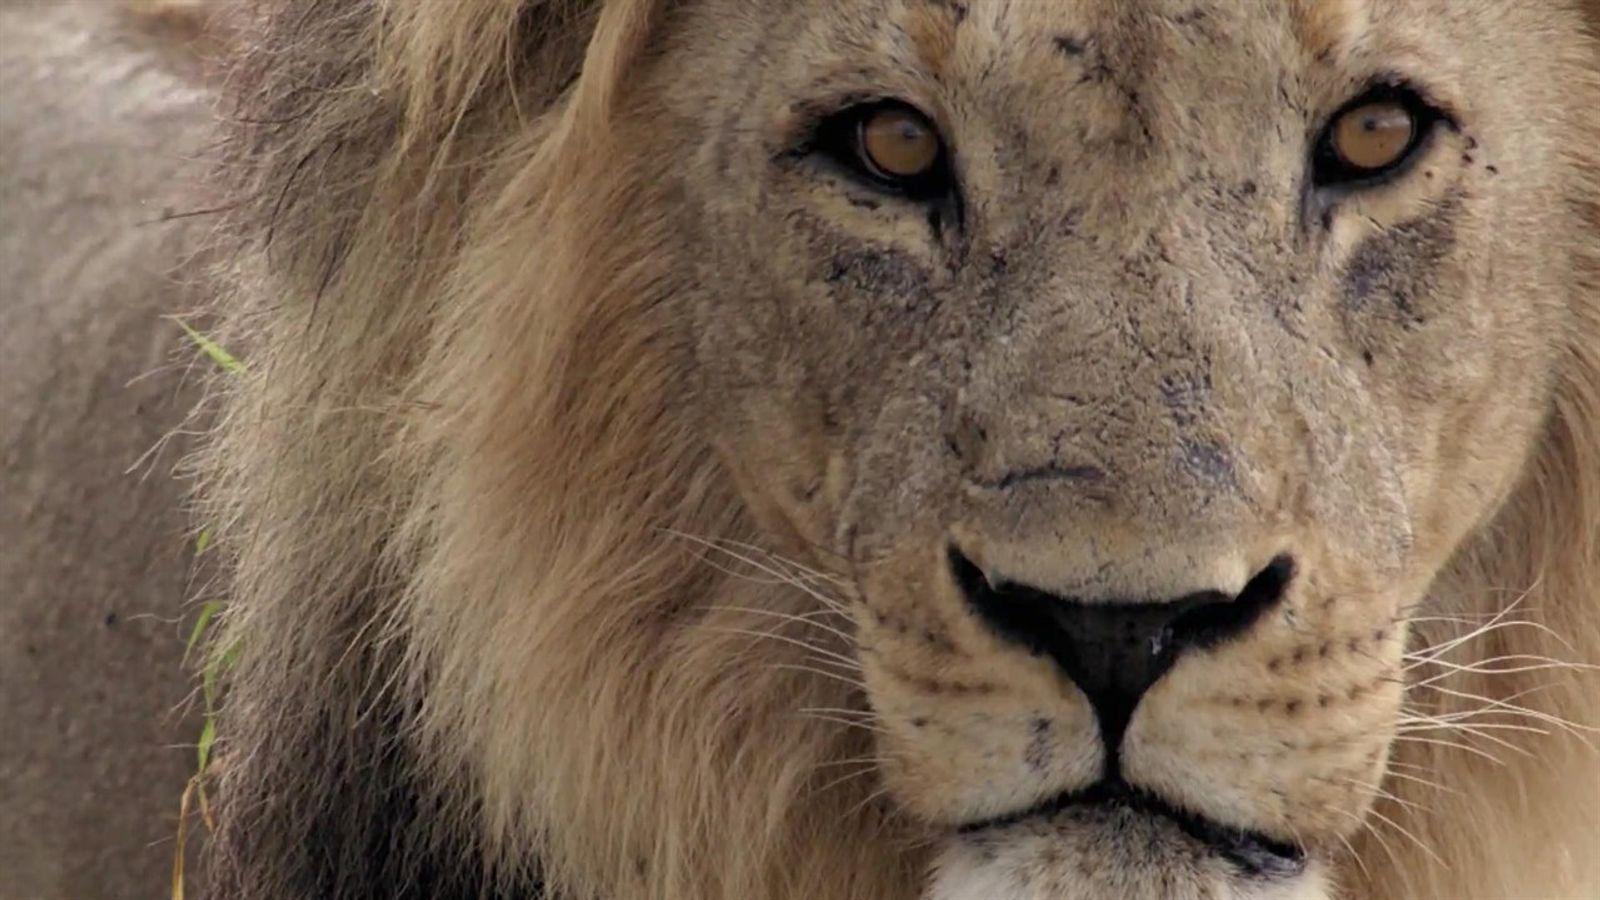 Império Selvagem: Nova temporada no Nat Geo WILD